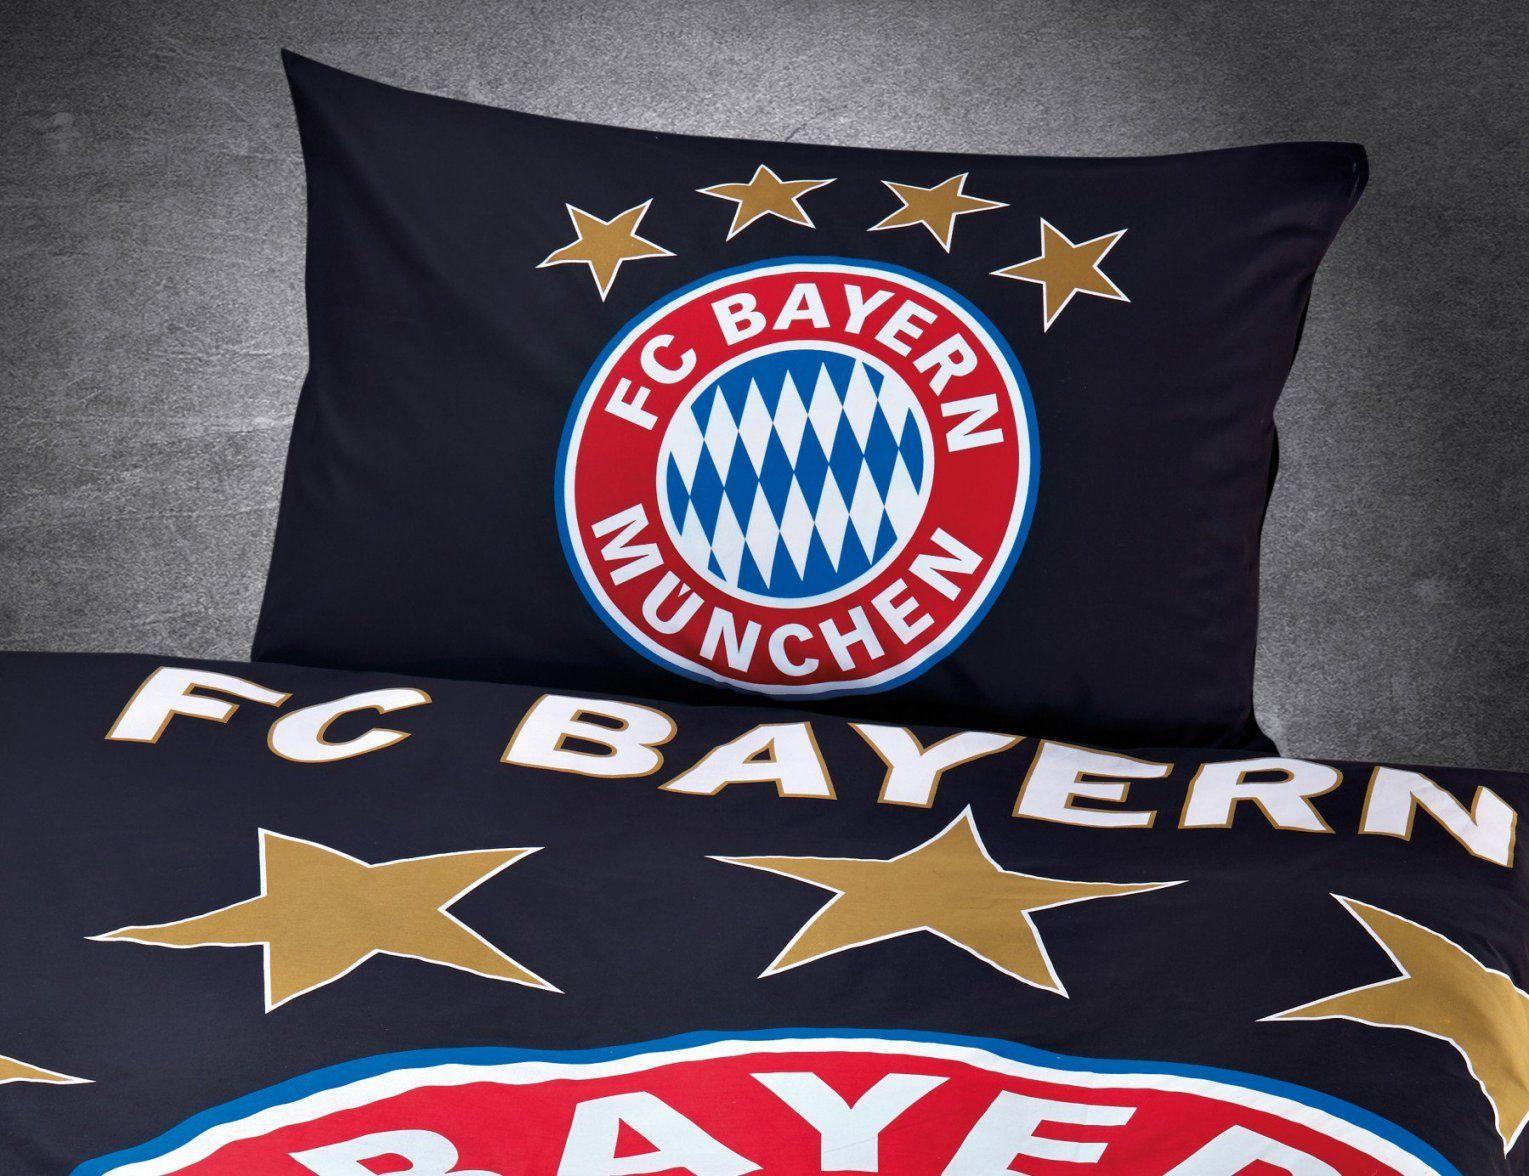 Fc Bayern München Bettwäsche Leuchtet Im Dunkeln Günstig ⋆ Lehner von Bayern München Bettwäsche Günstig Bild